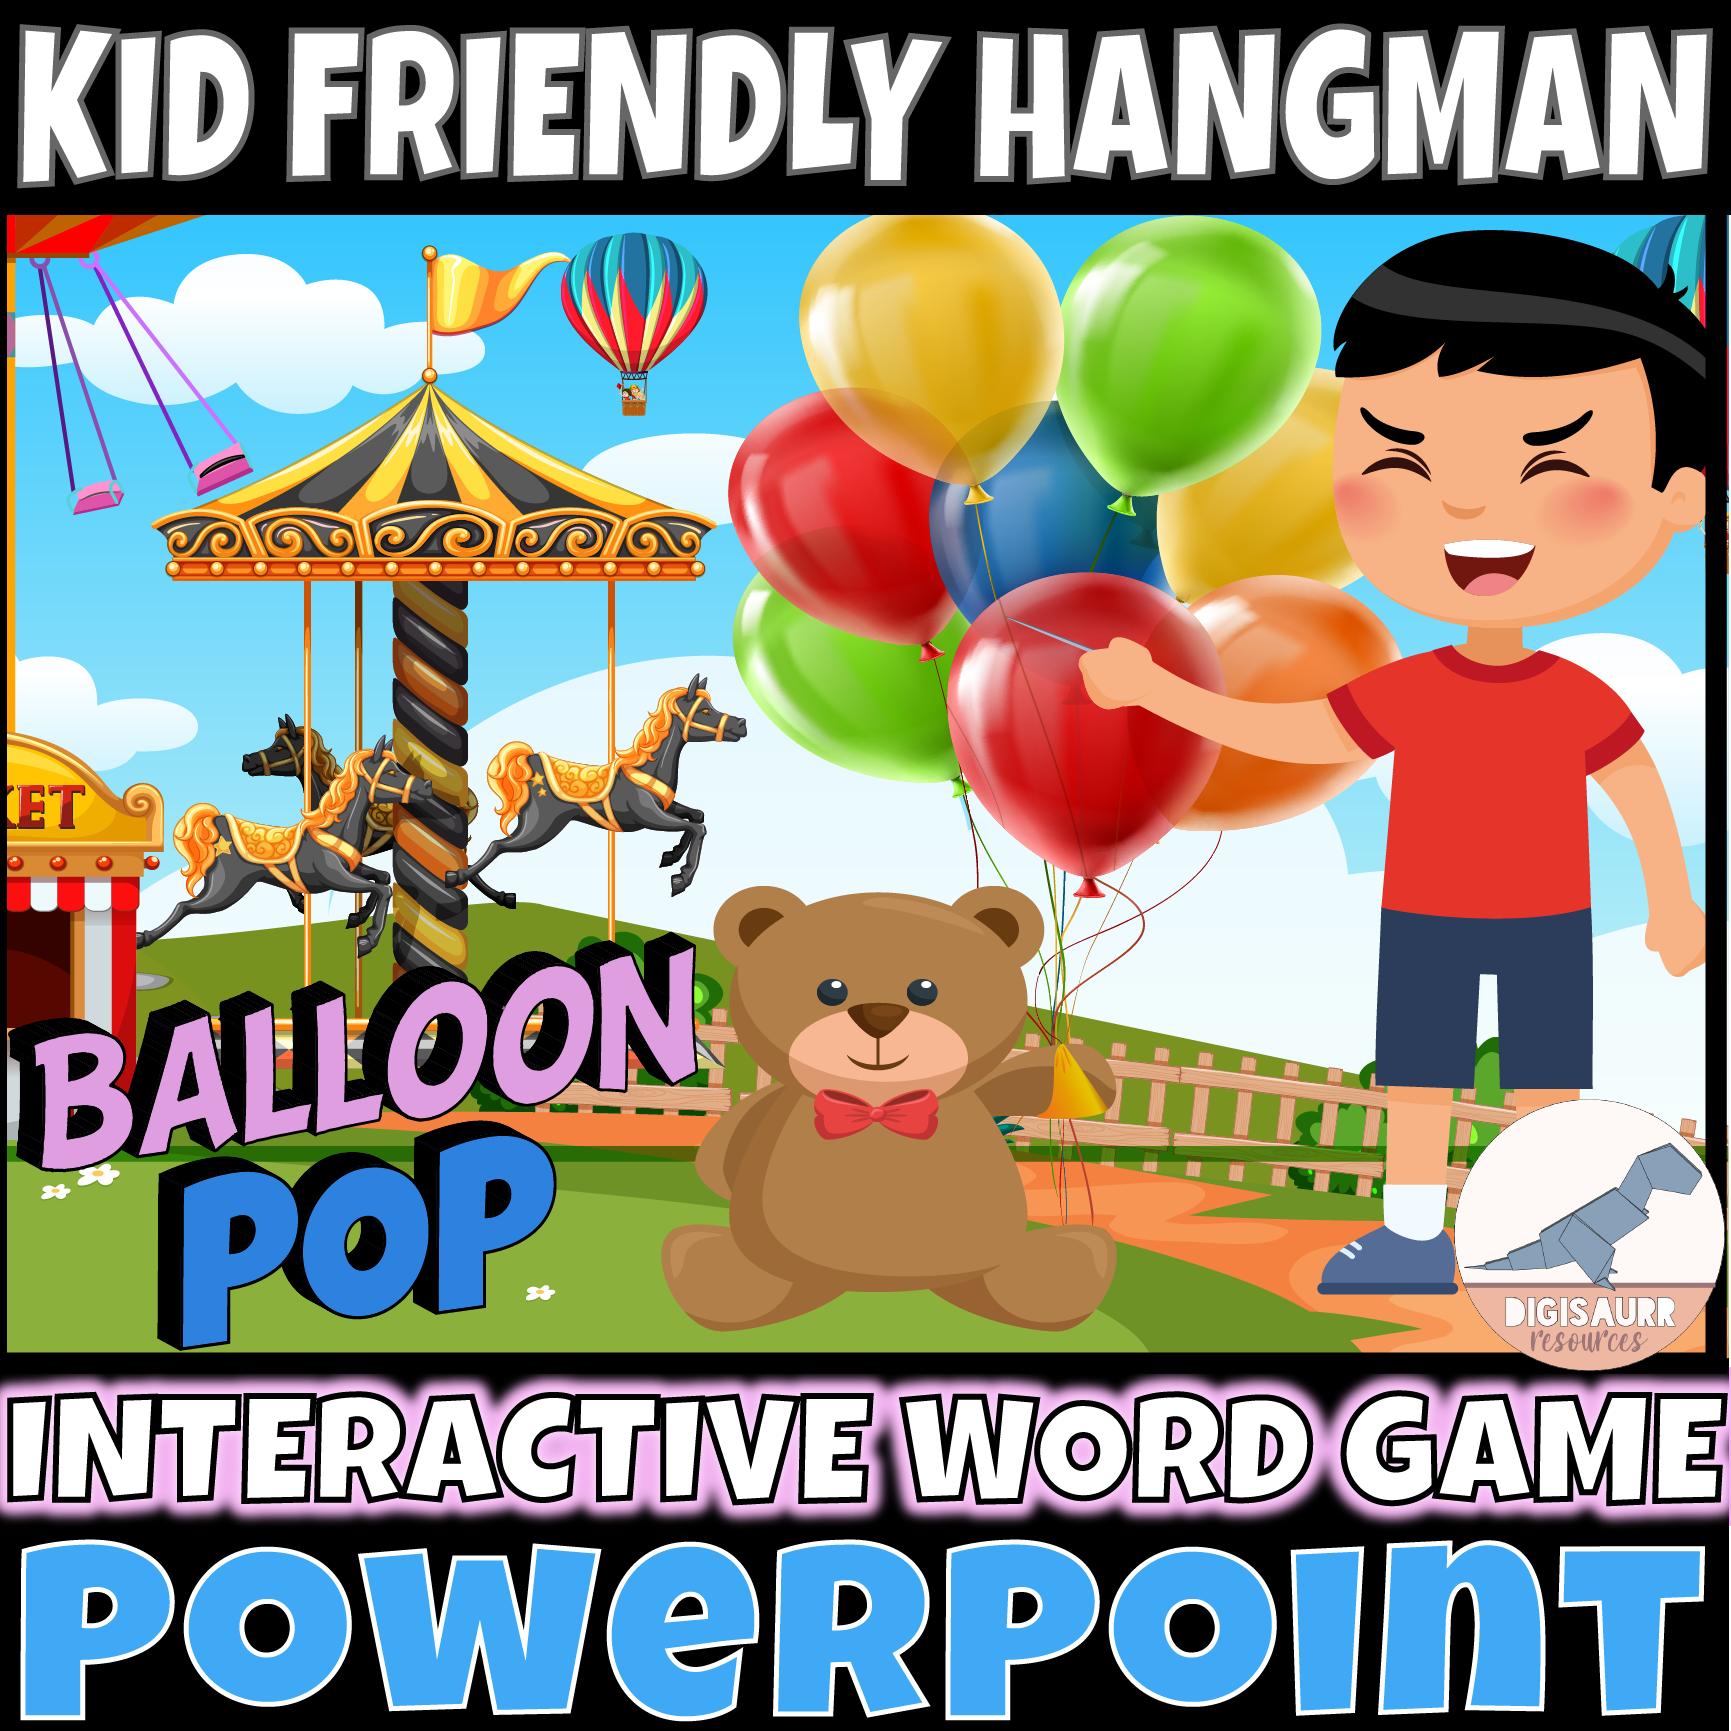 Powerpoint Hangman for Kids